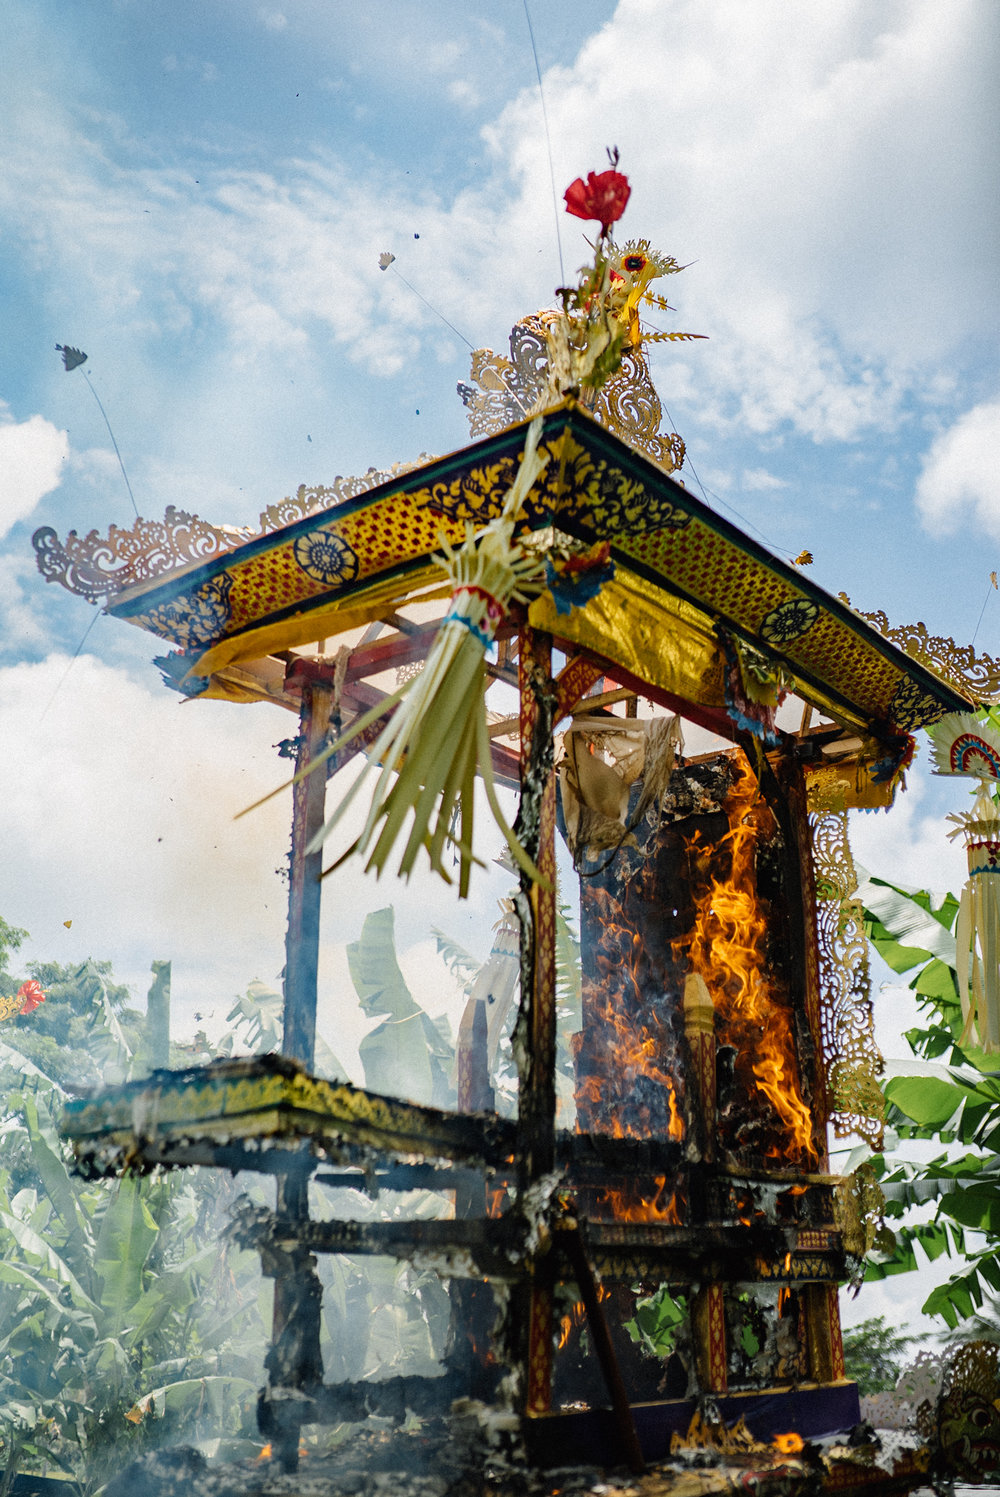 Bali-Gamelan-Web-15.jpg